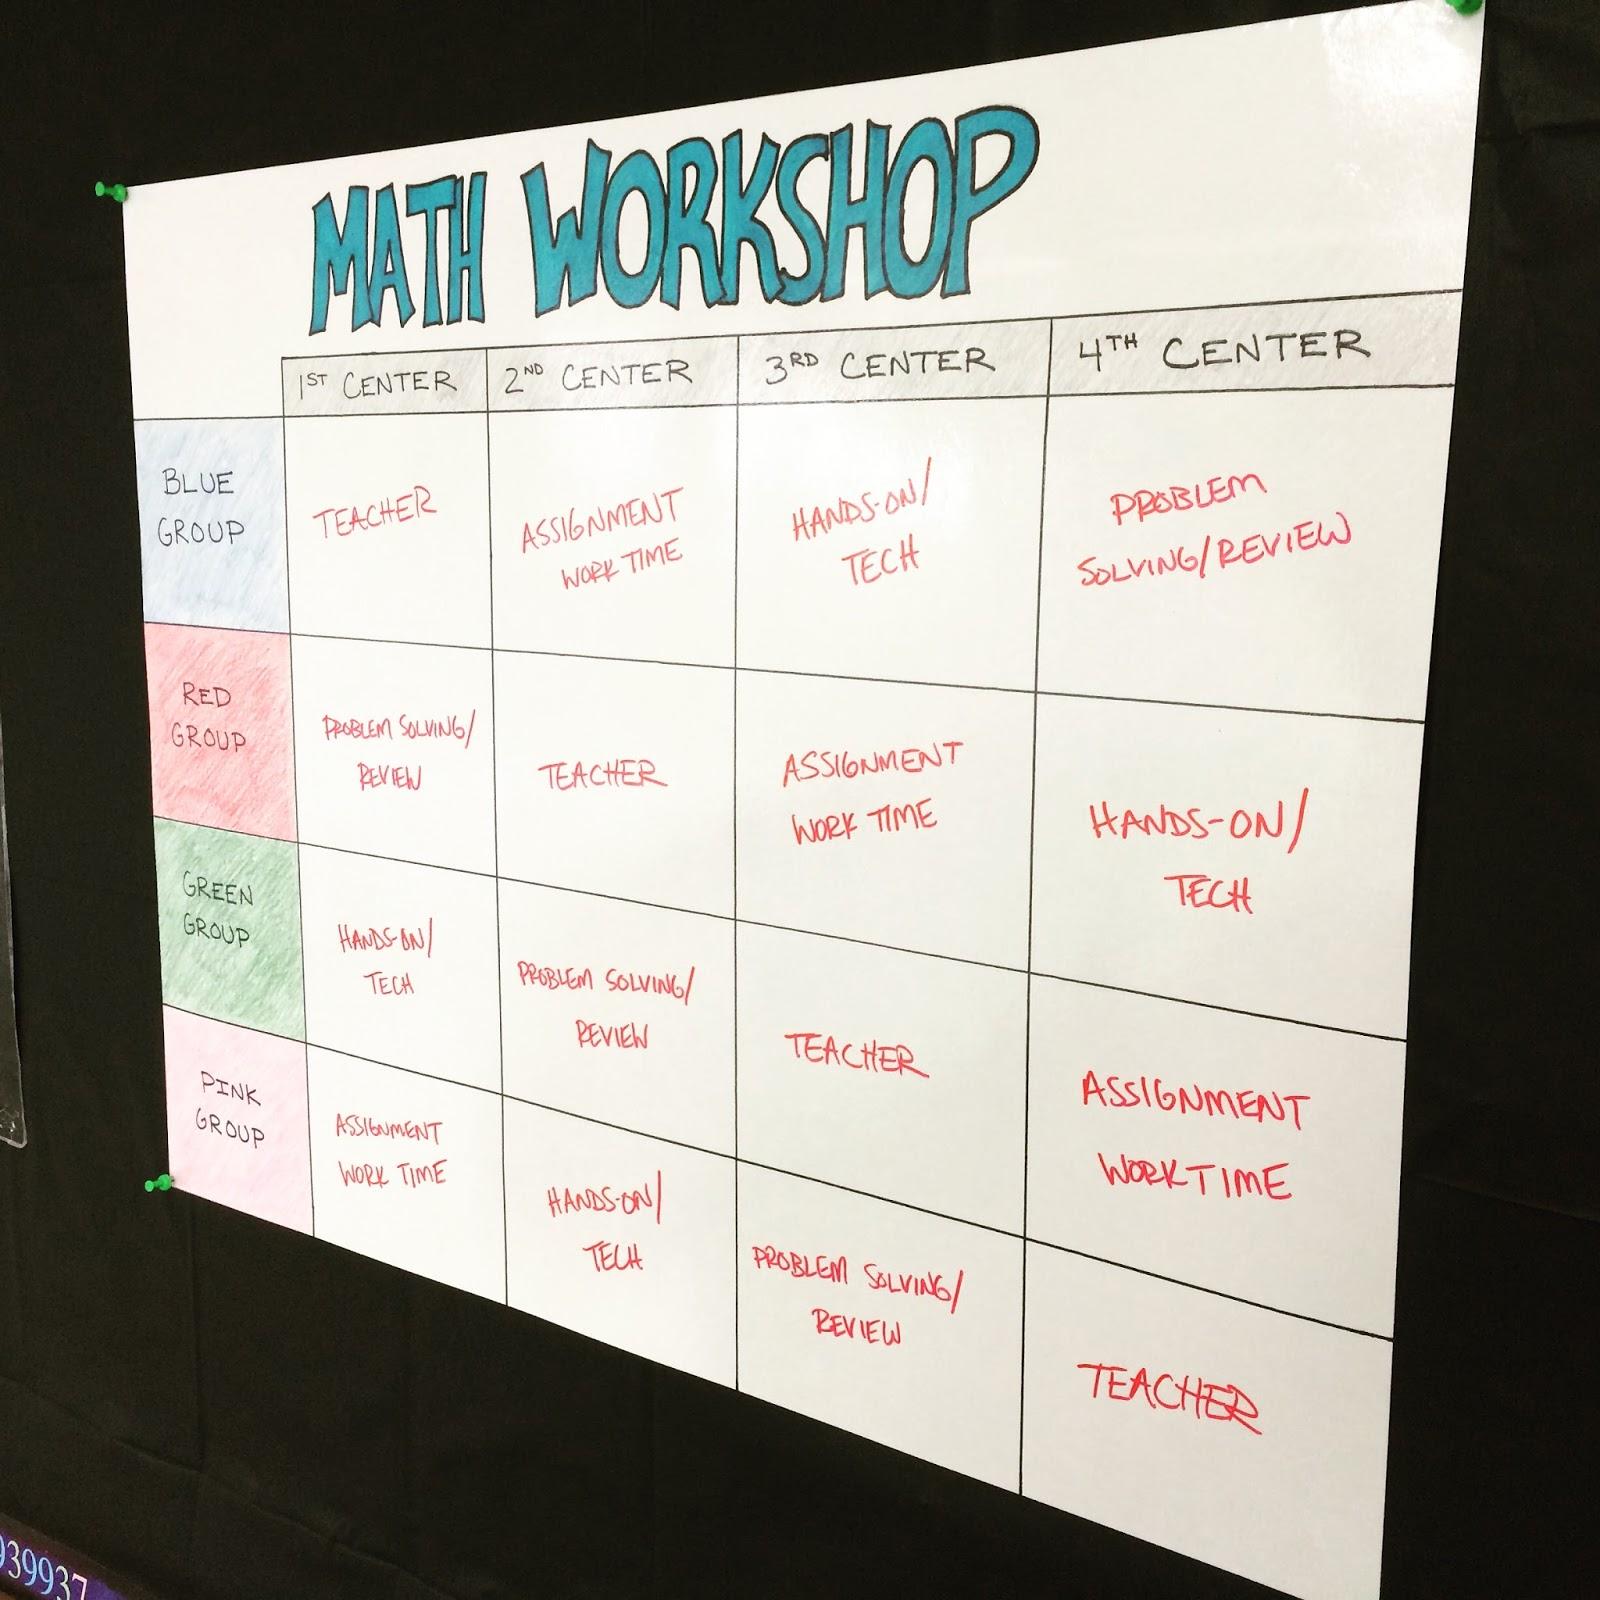 Middle School Math Man Workshop